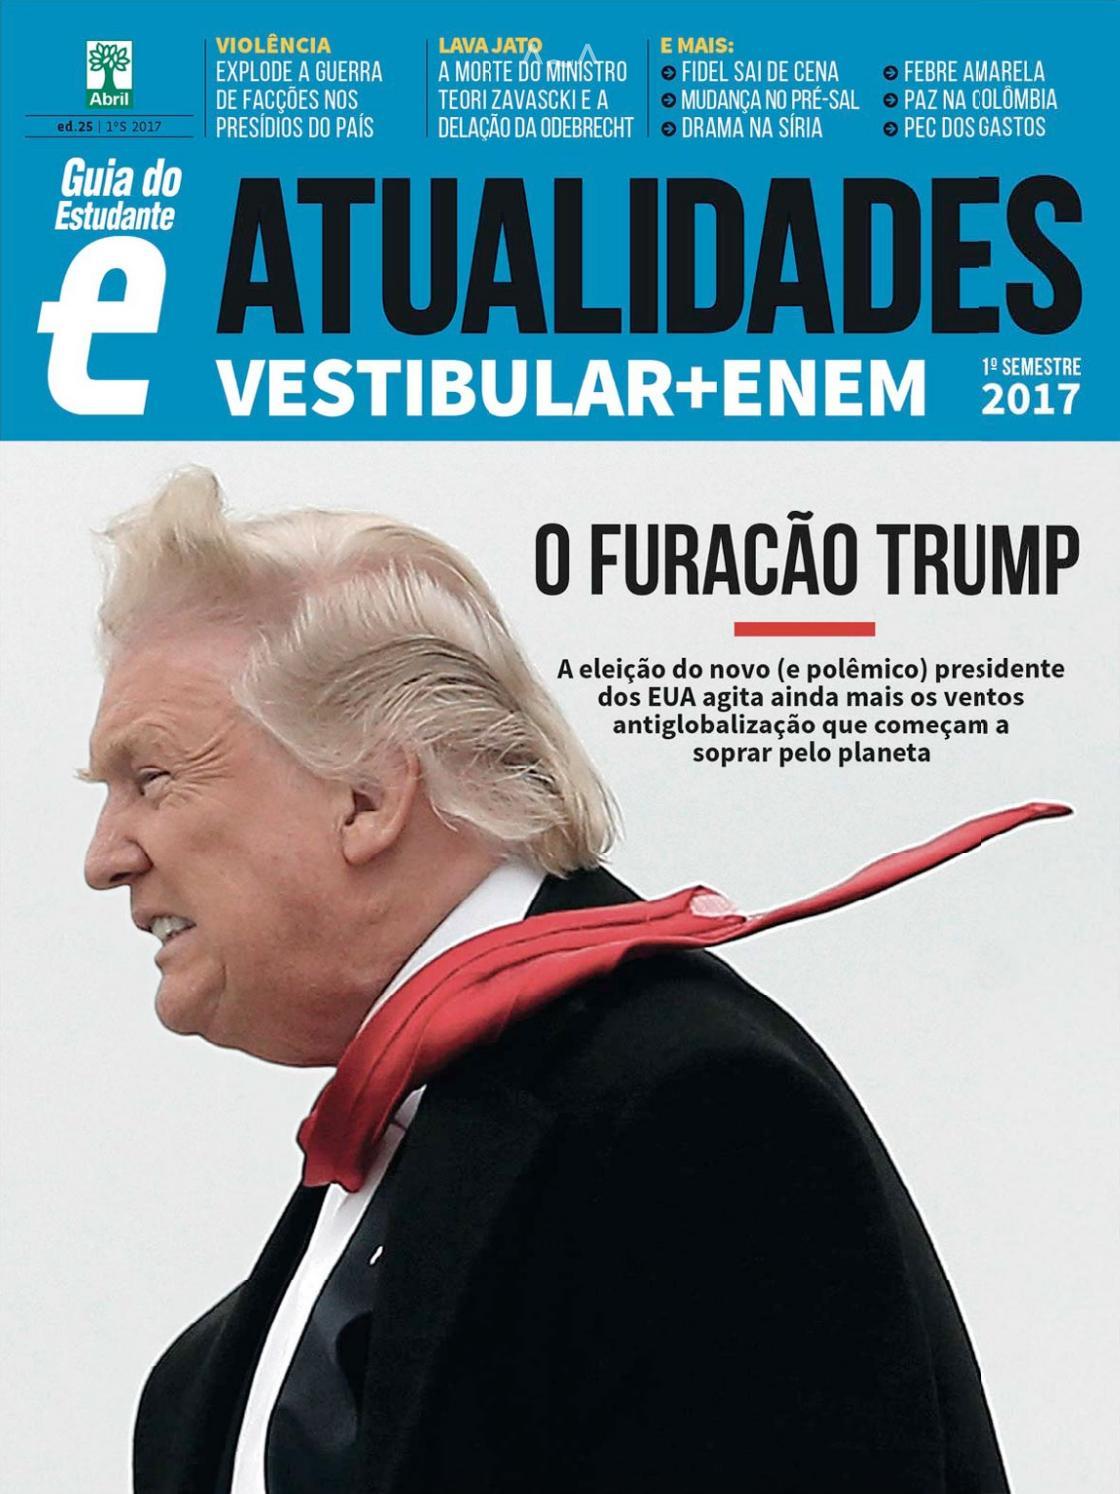 Guia do estudante atualidades 1º semestre (2017) by Sandro Baldez - issuu 56534693fdeac